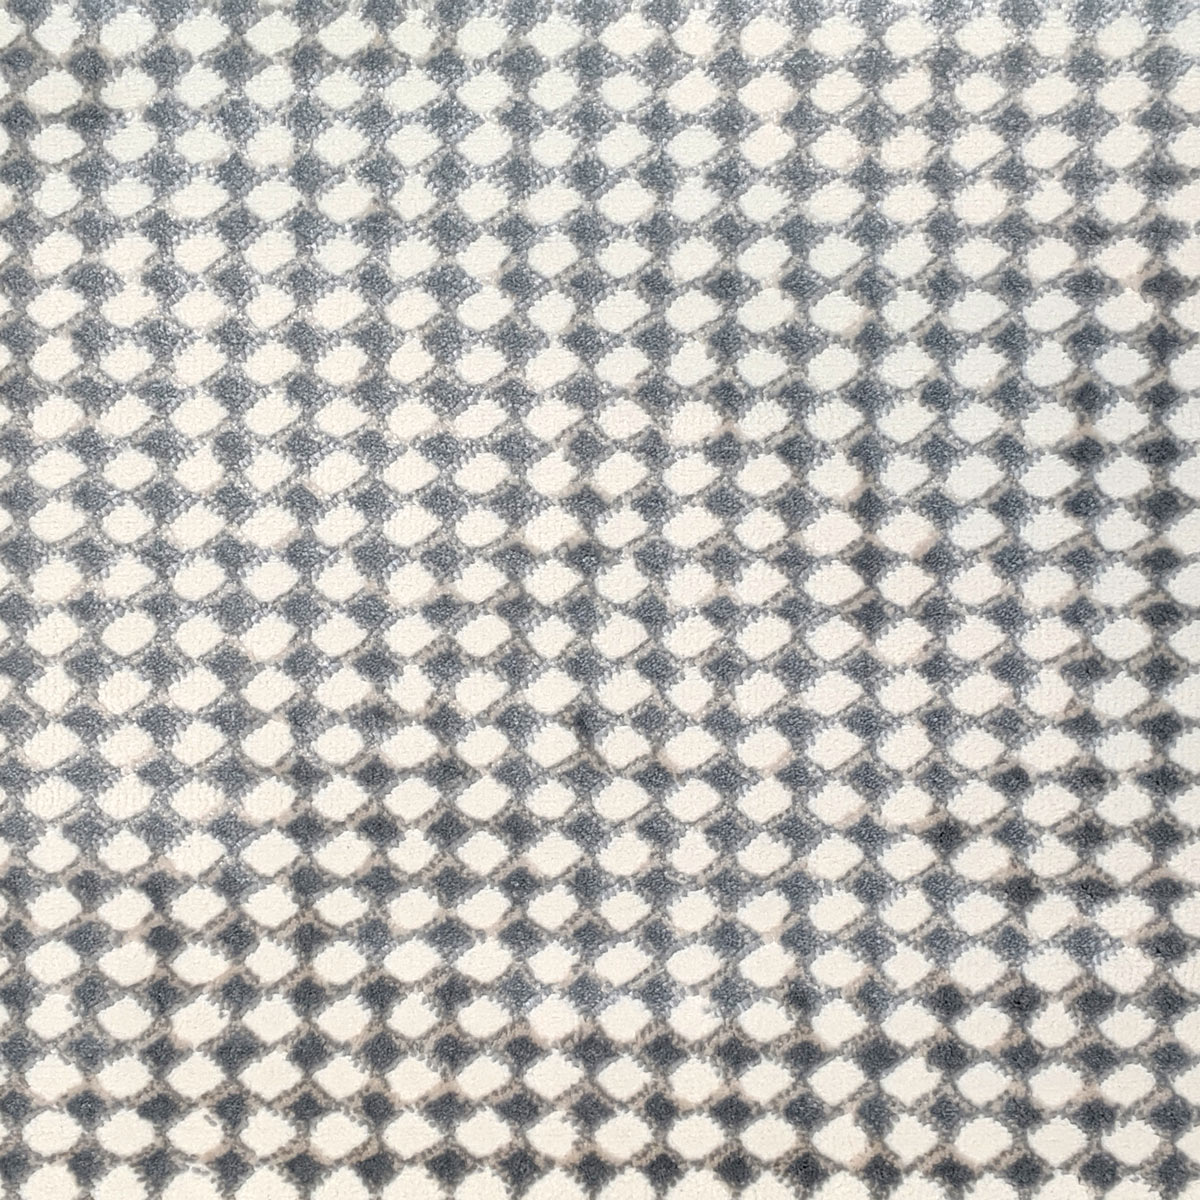 starsky_polypropylene-polyester_broadloom_patterson-flynn-martin_pfm